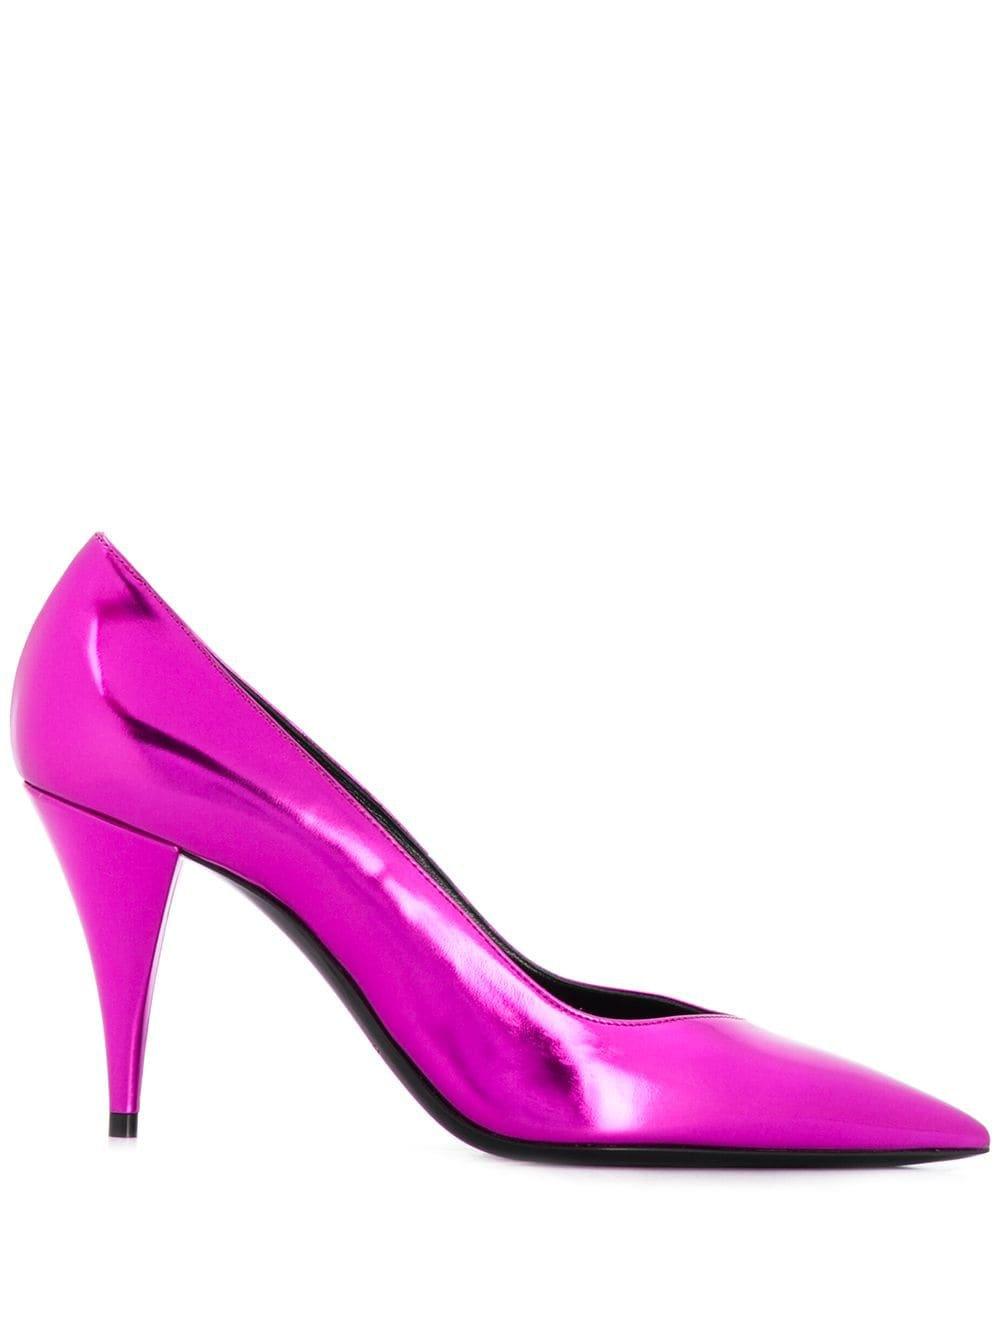 Pink Saint Laurent Pointy Toe Pumps | Farfetch.com